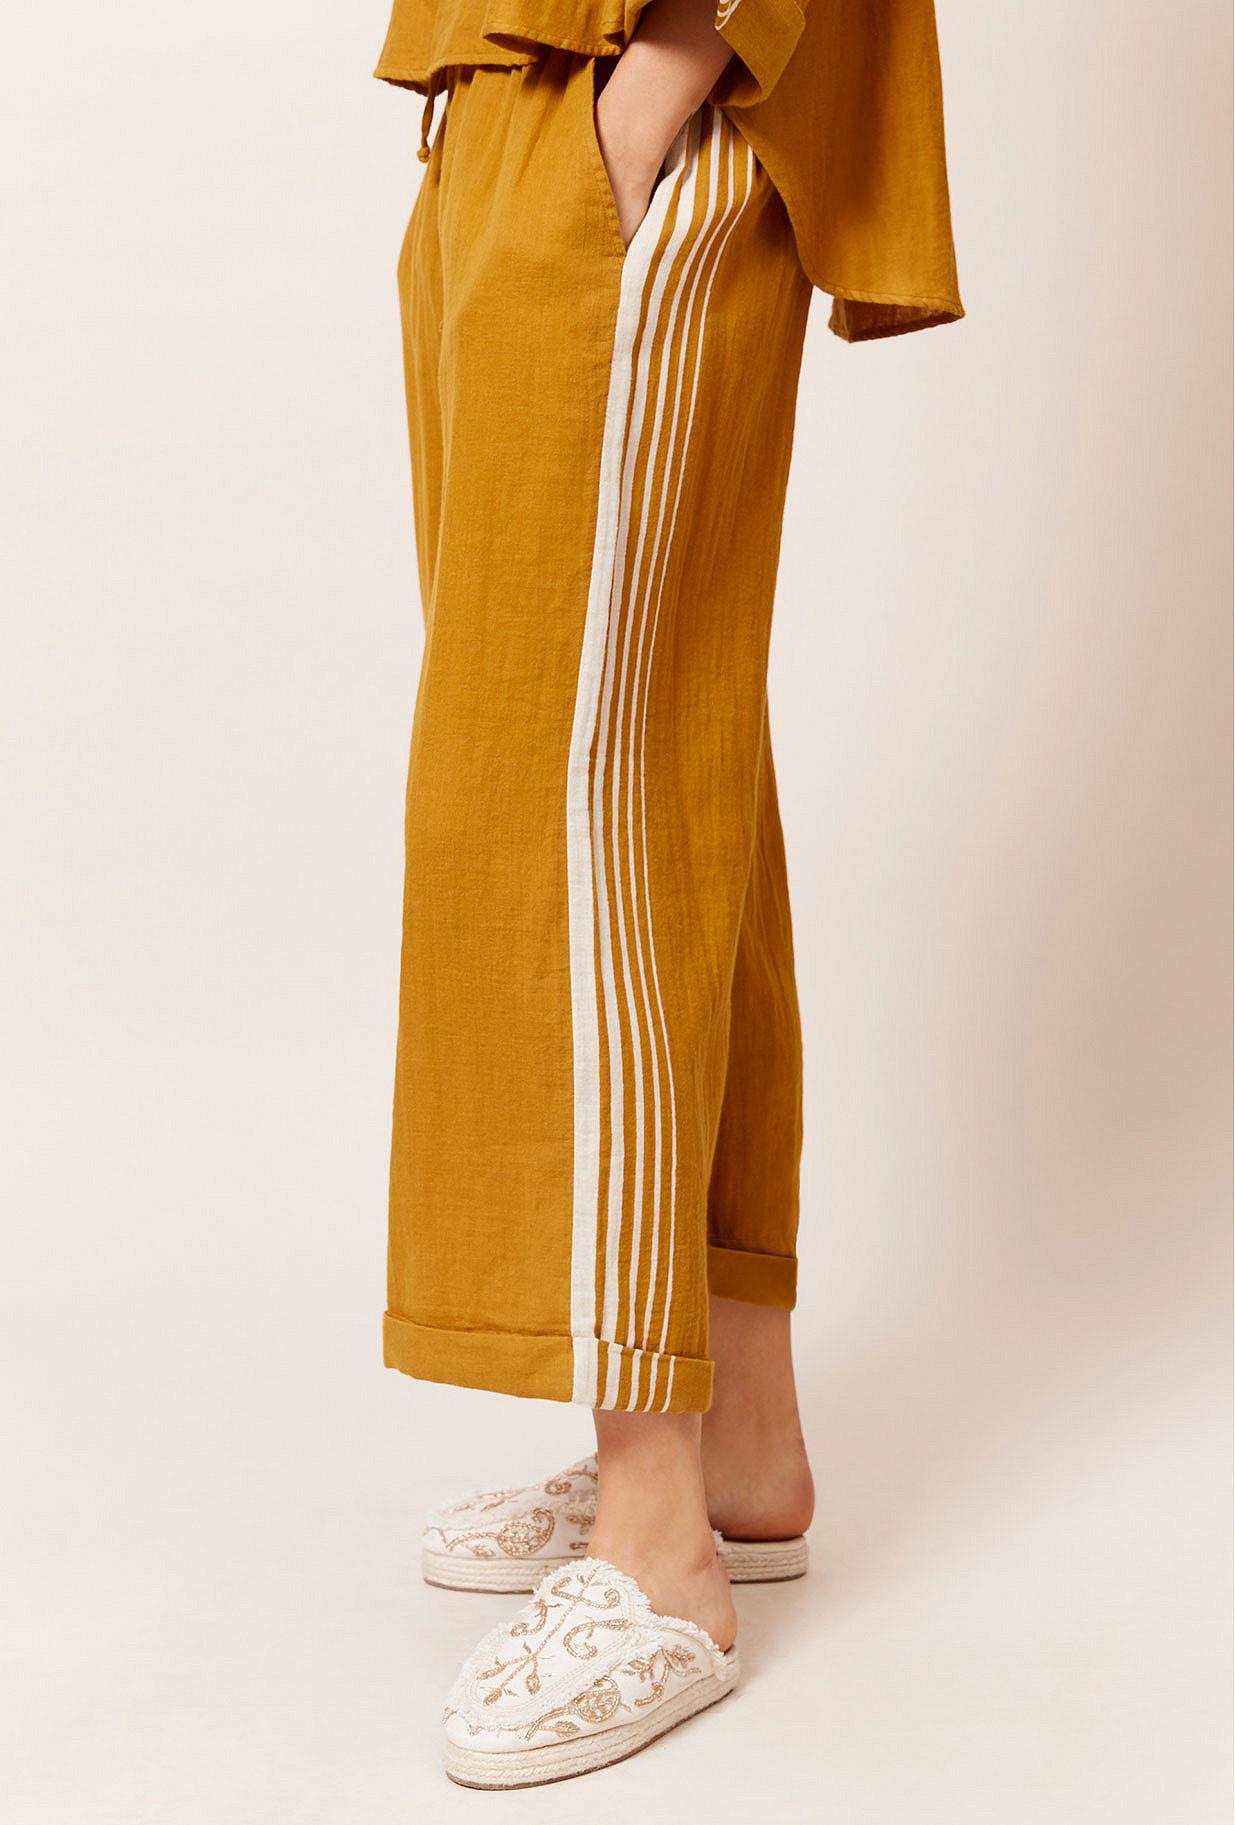 Pantalon Ocre  Adidaney mes demoiselles paris vêtement femme paris